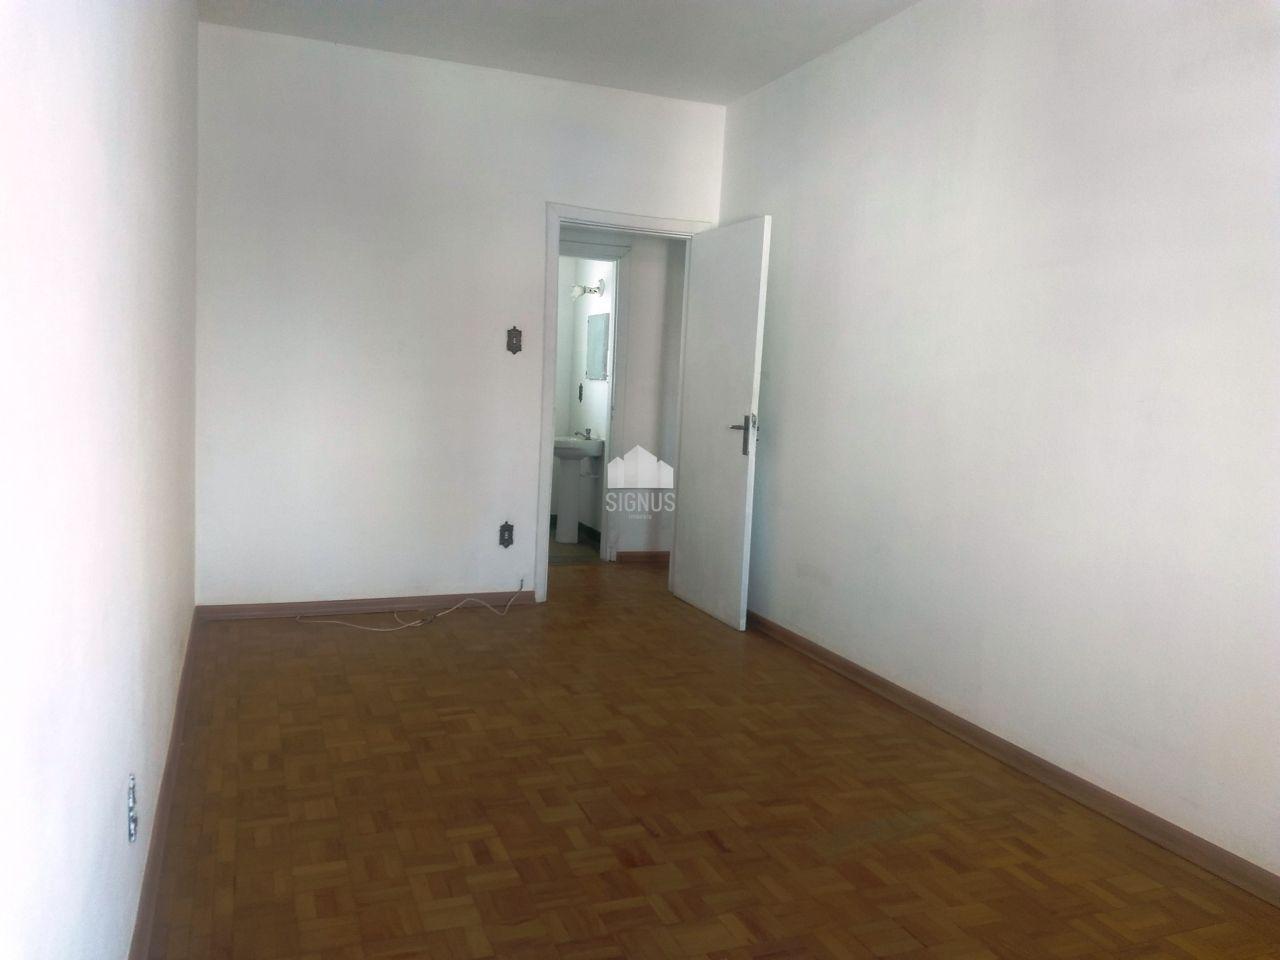 Apartamento com 2 Dormitórios à venda, 90 m² por R$ 300.000,00